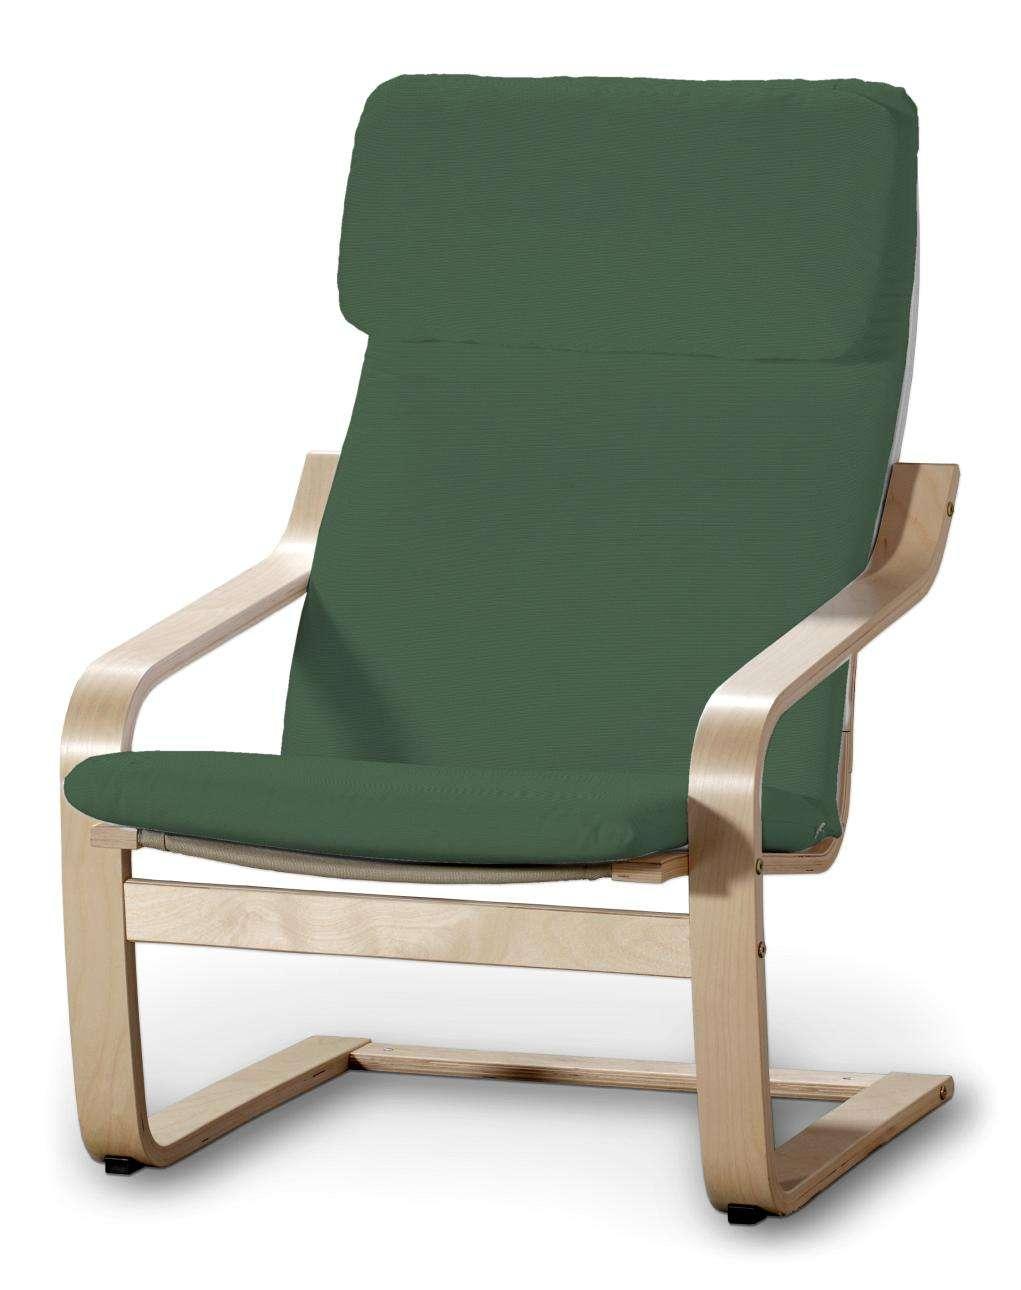 Poäng Sesselbezug I, waldgrün, Sessel Poäng, Cotton Panama